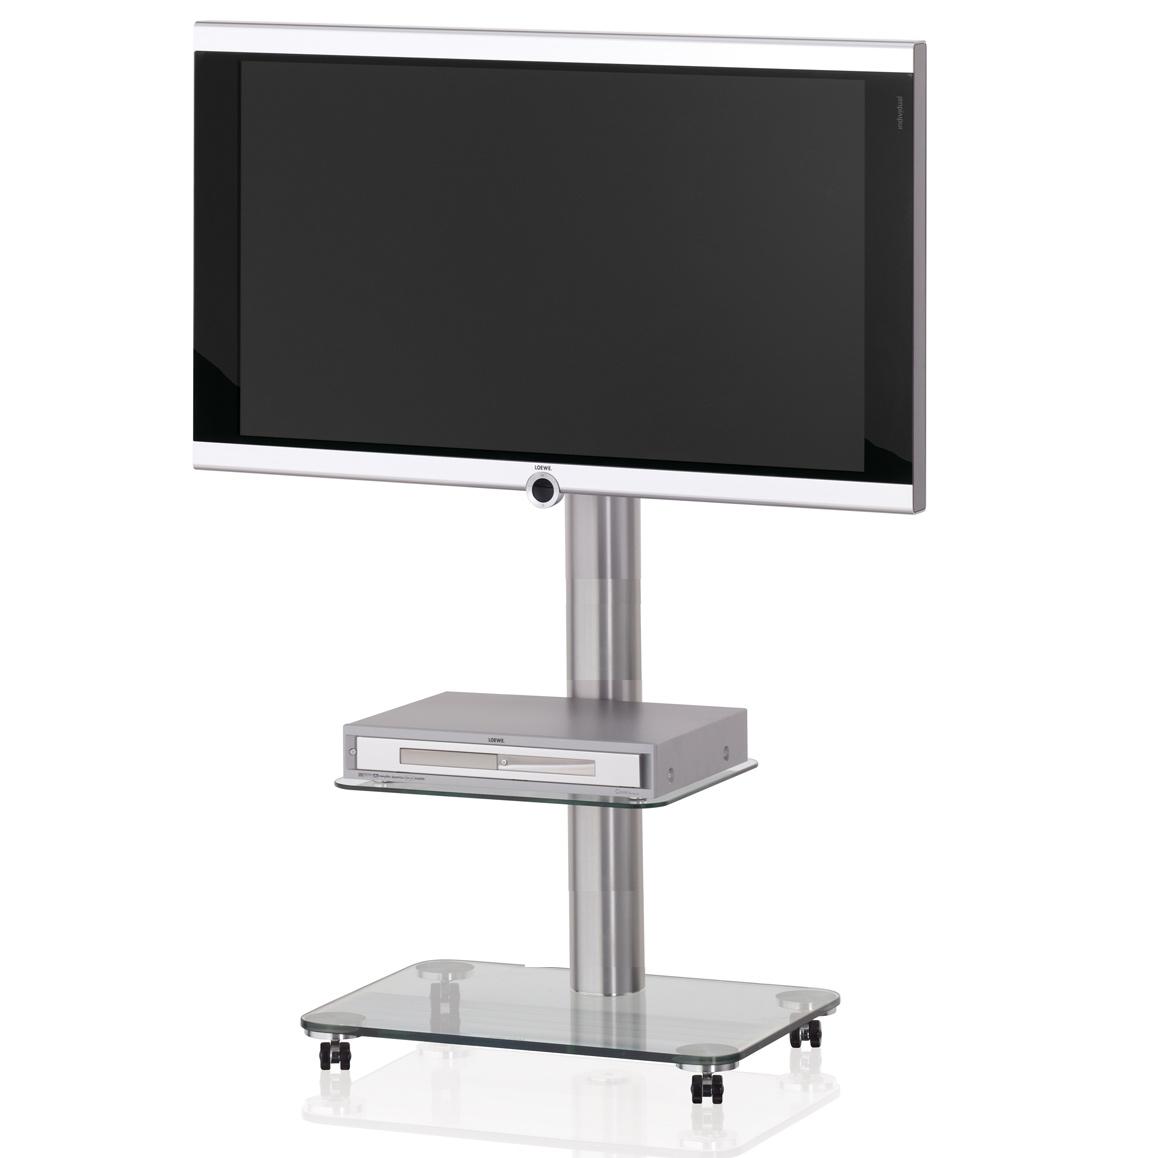 Ein rollbarer TV Halter. Mit 2 Ablageböden aus Glas. TV Säule aus Aluminium. Modell Floor QX 1012 von Spectral.